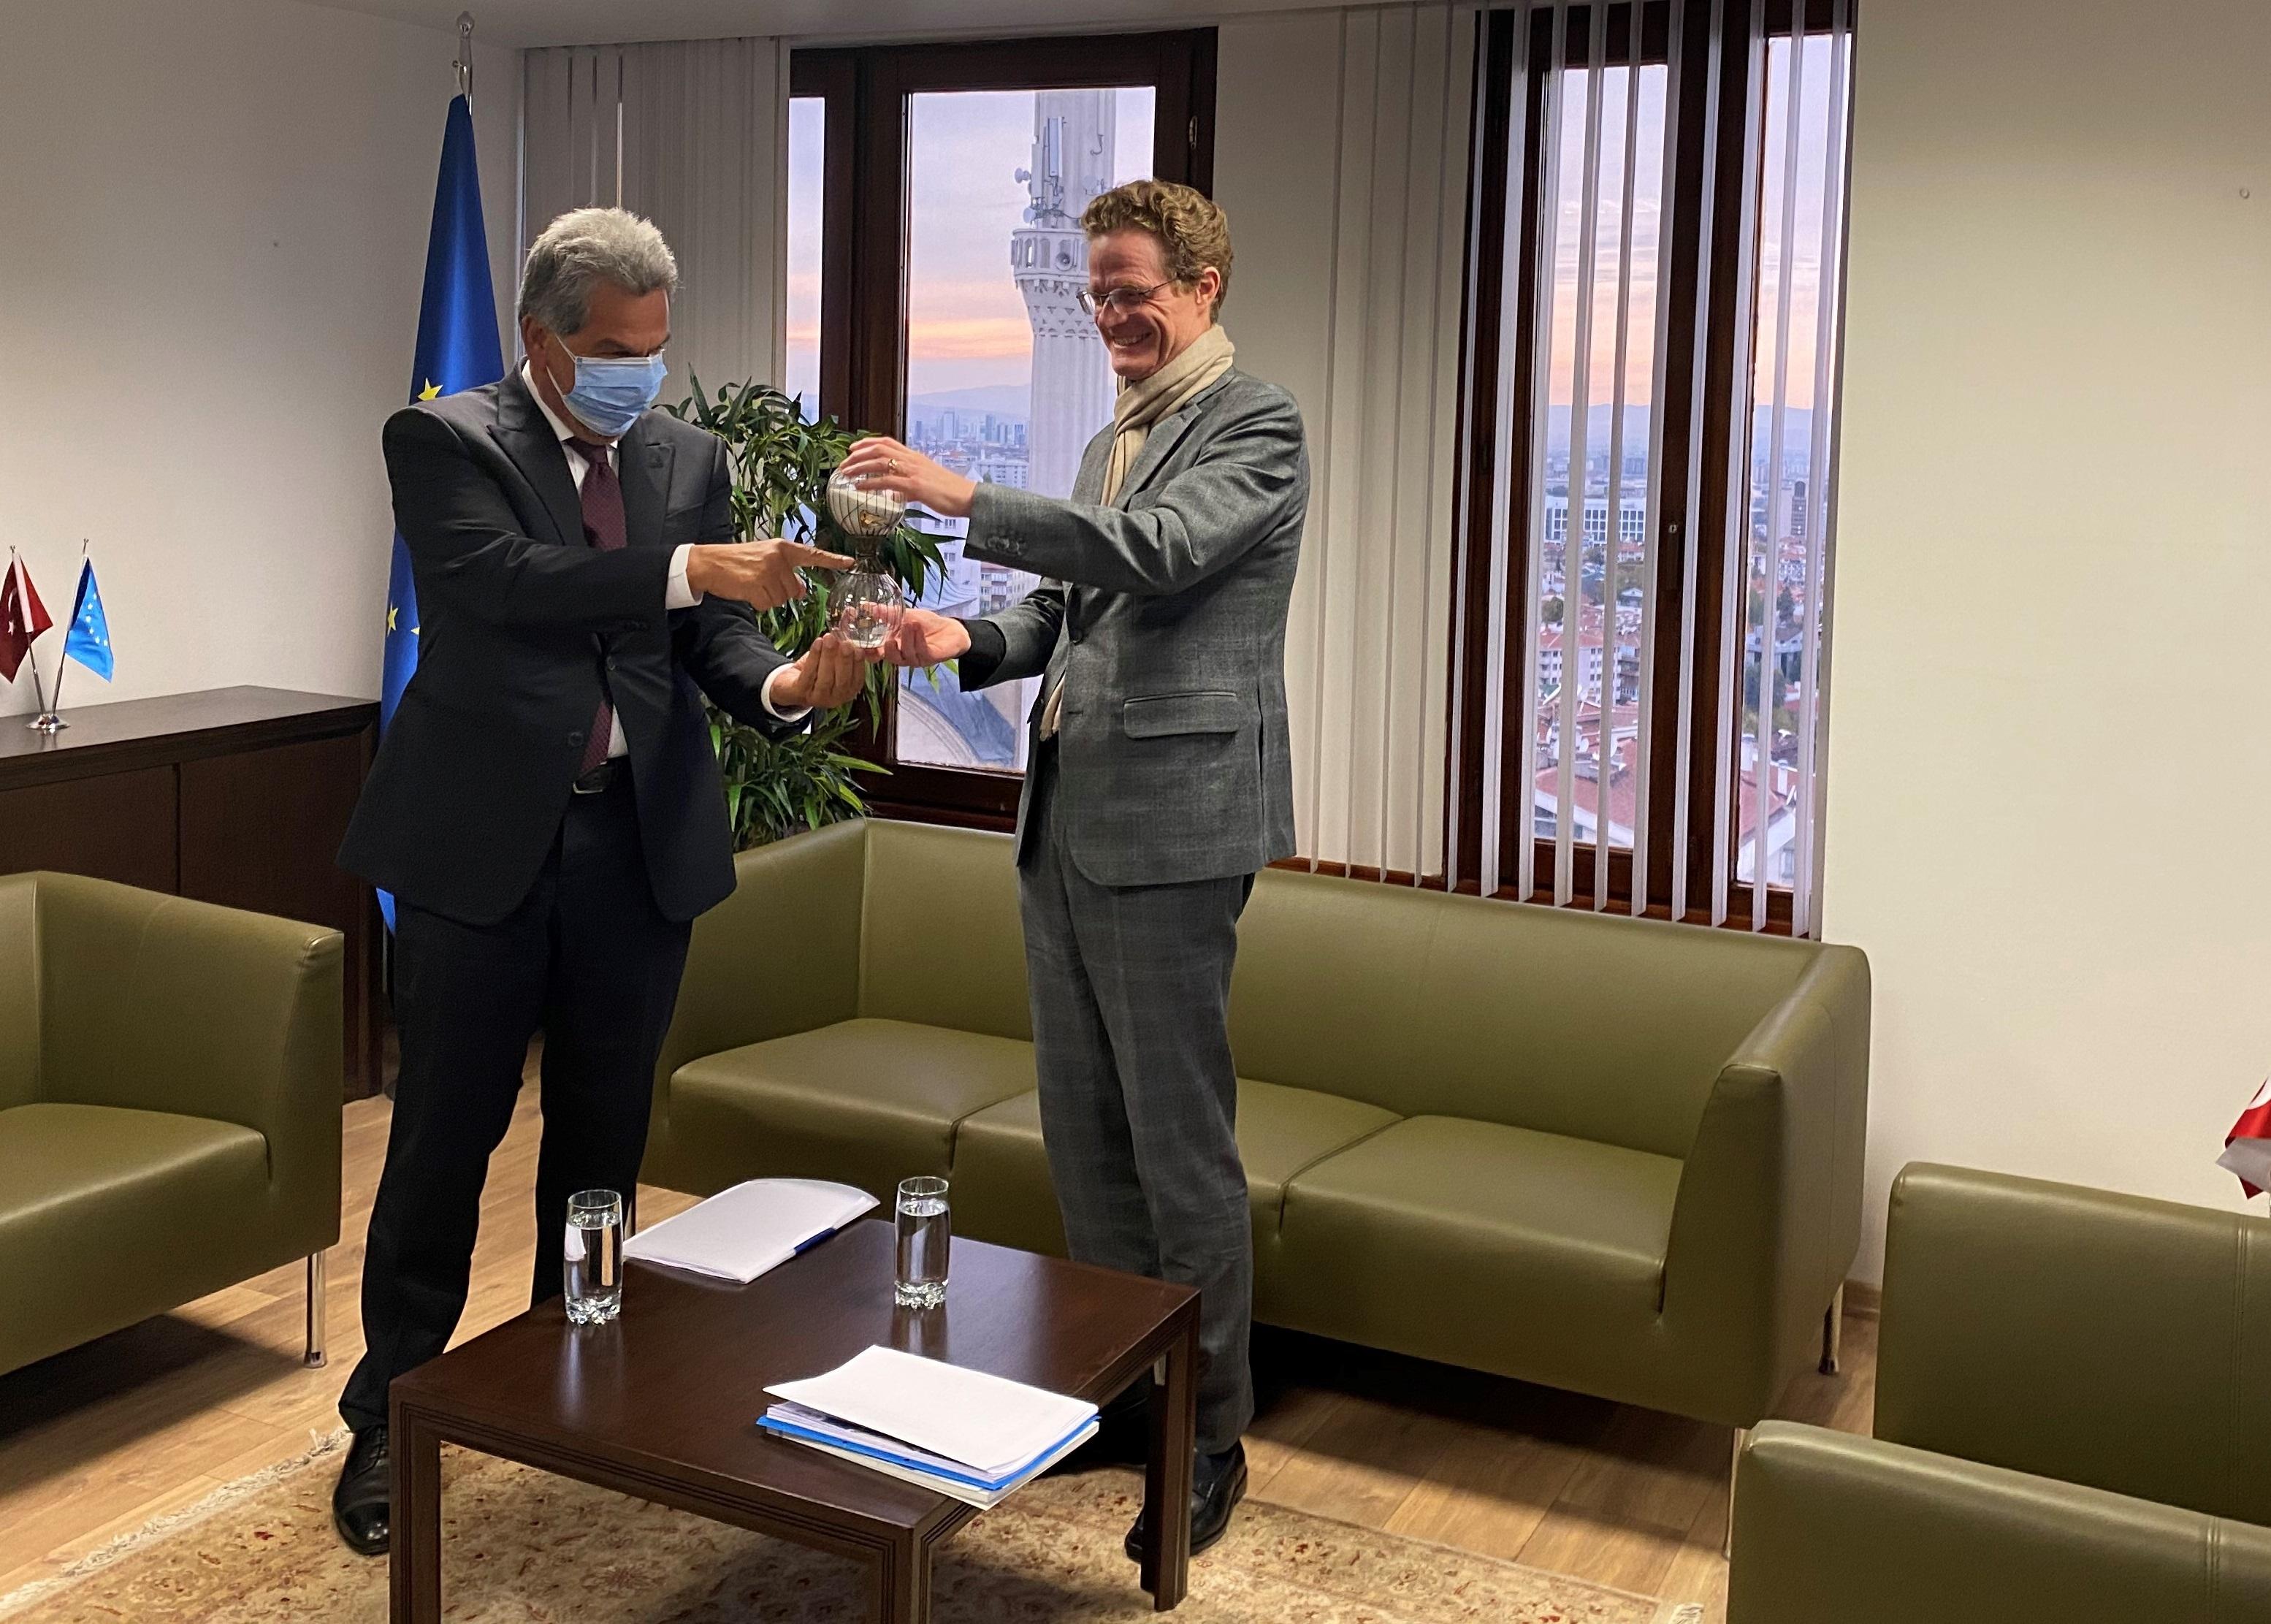 UND Heyetinden Avrupa Birliği Türkiye Delegasyonu Başkanı Büyükelçi Meyer-Landrut'a Nezaket Ziyareti